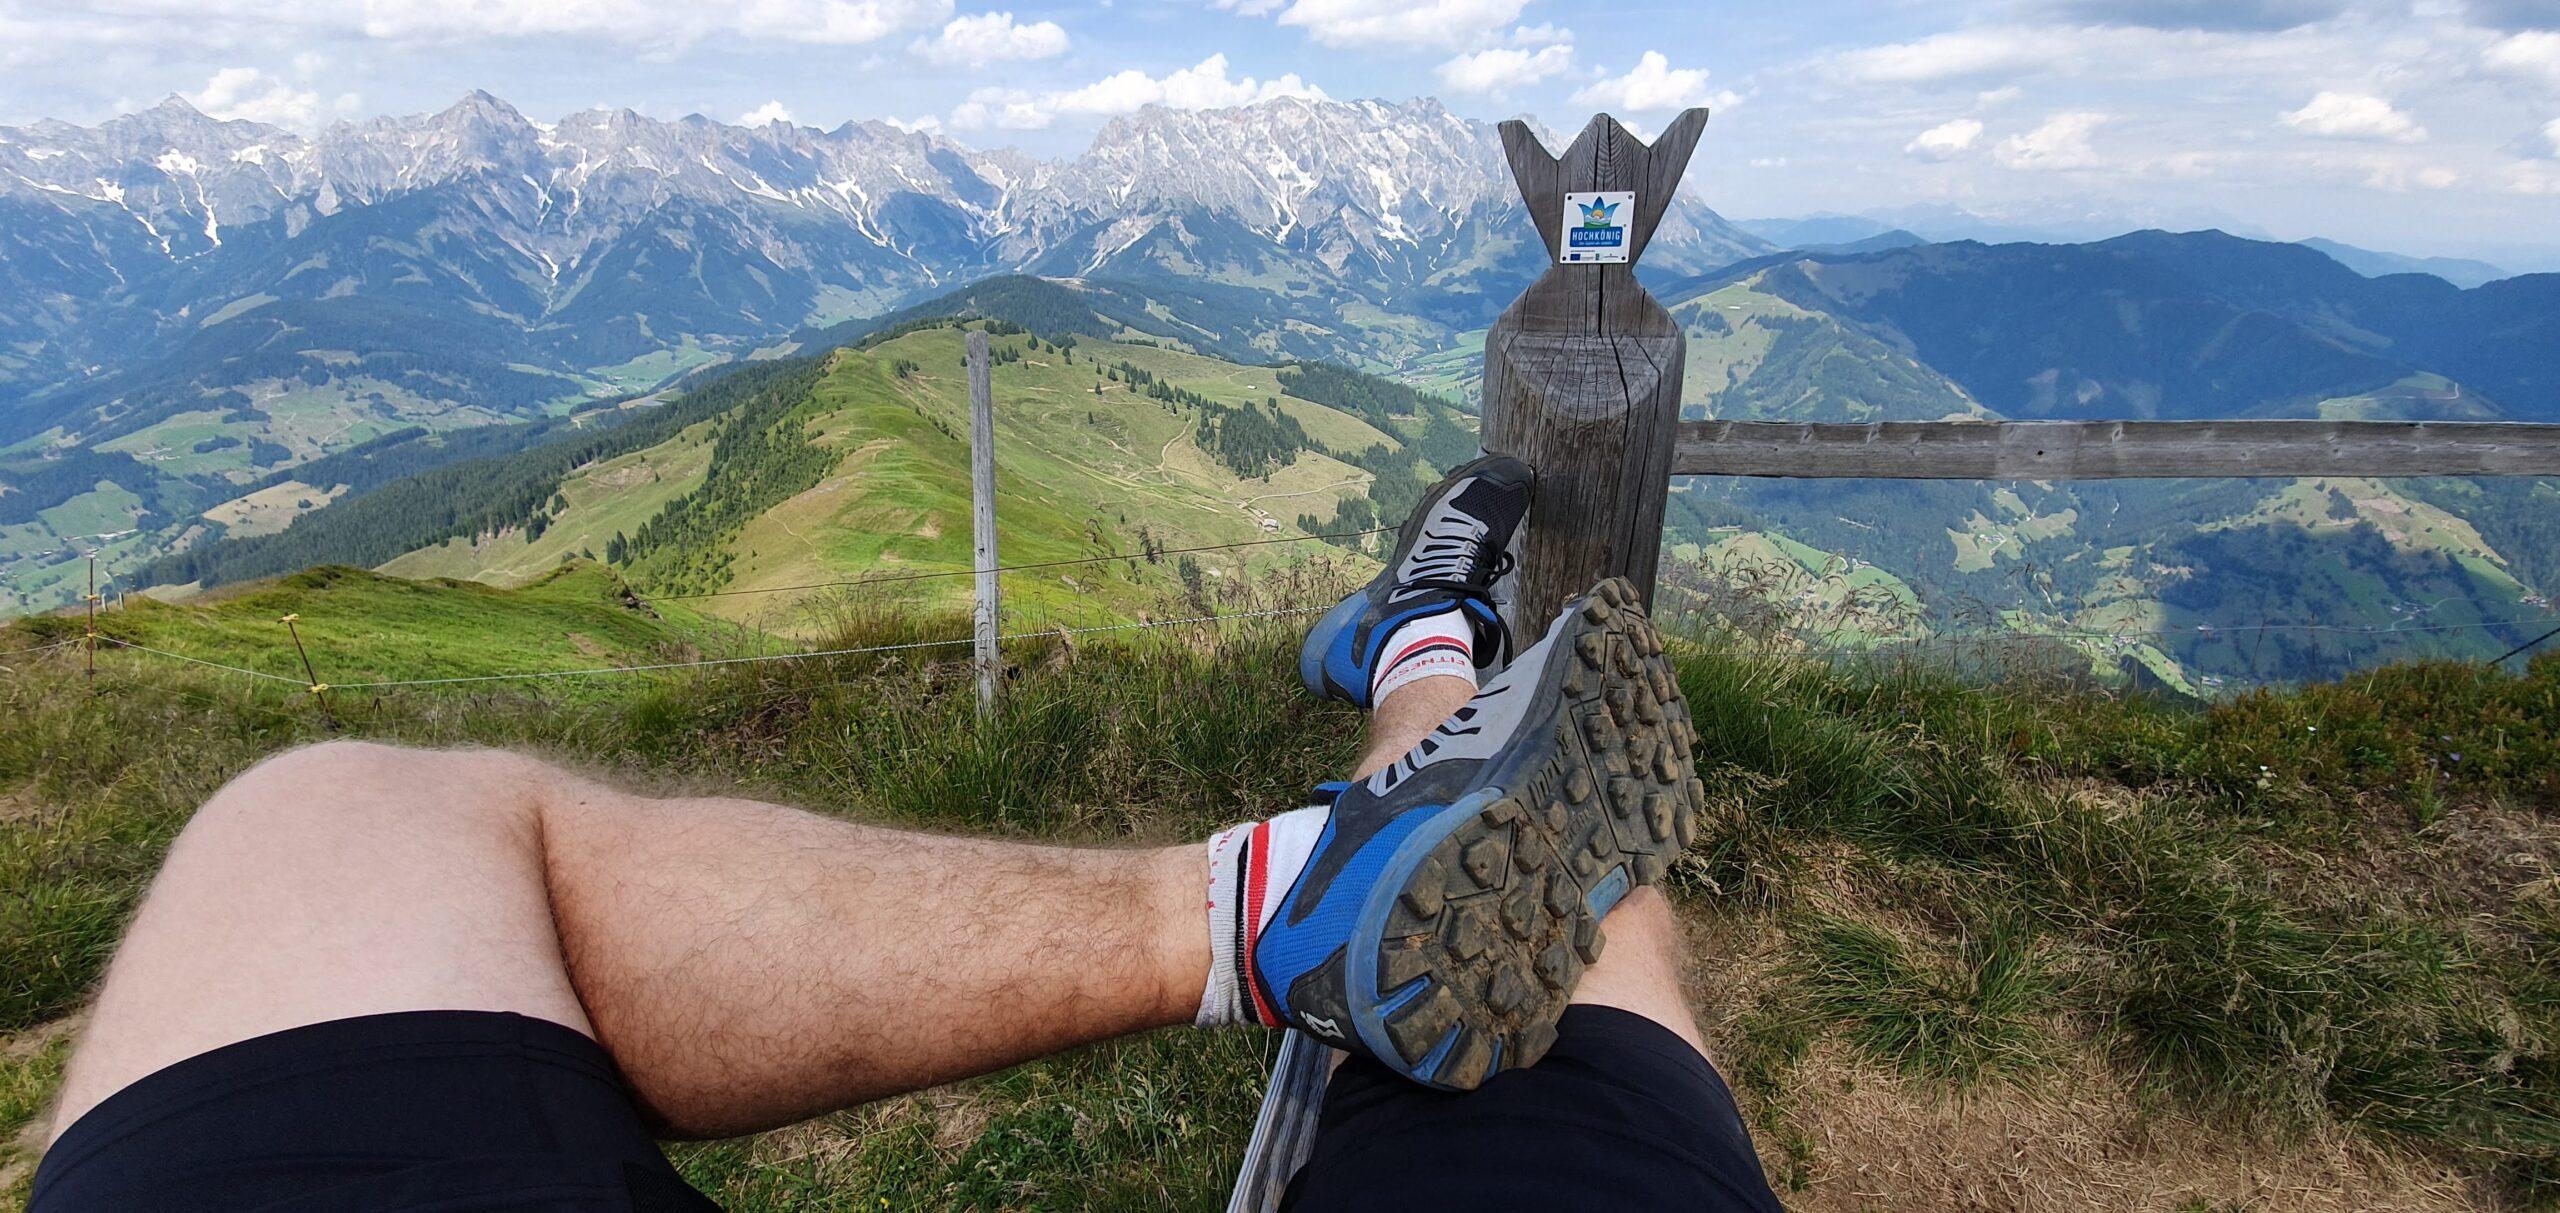 Klingspitz v rakouských Alpách a Inov-8 Roclite G 275